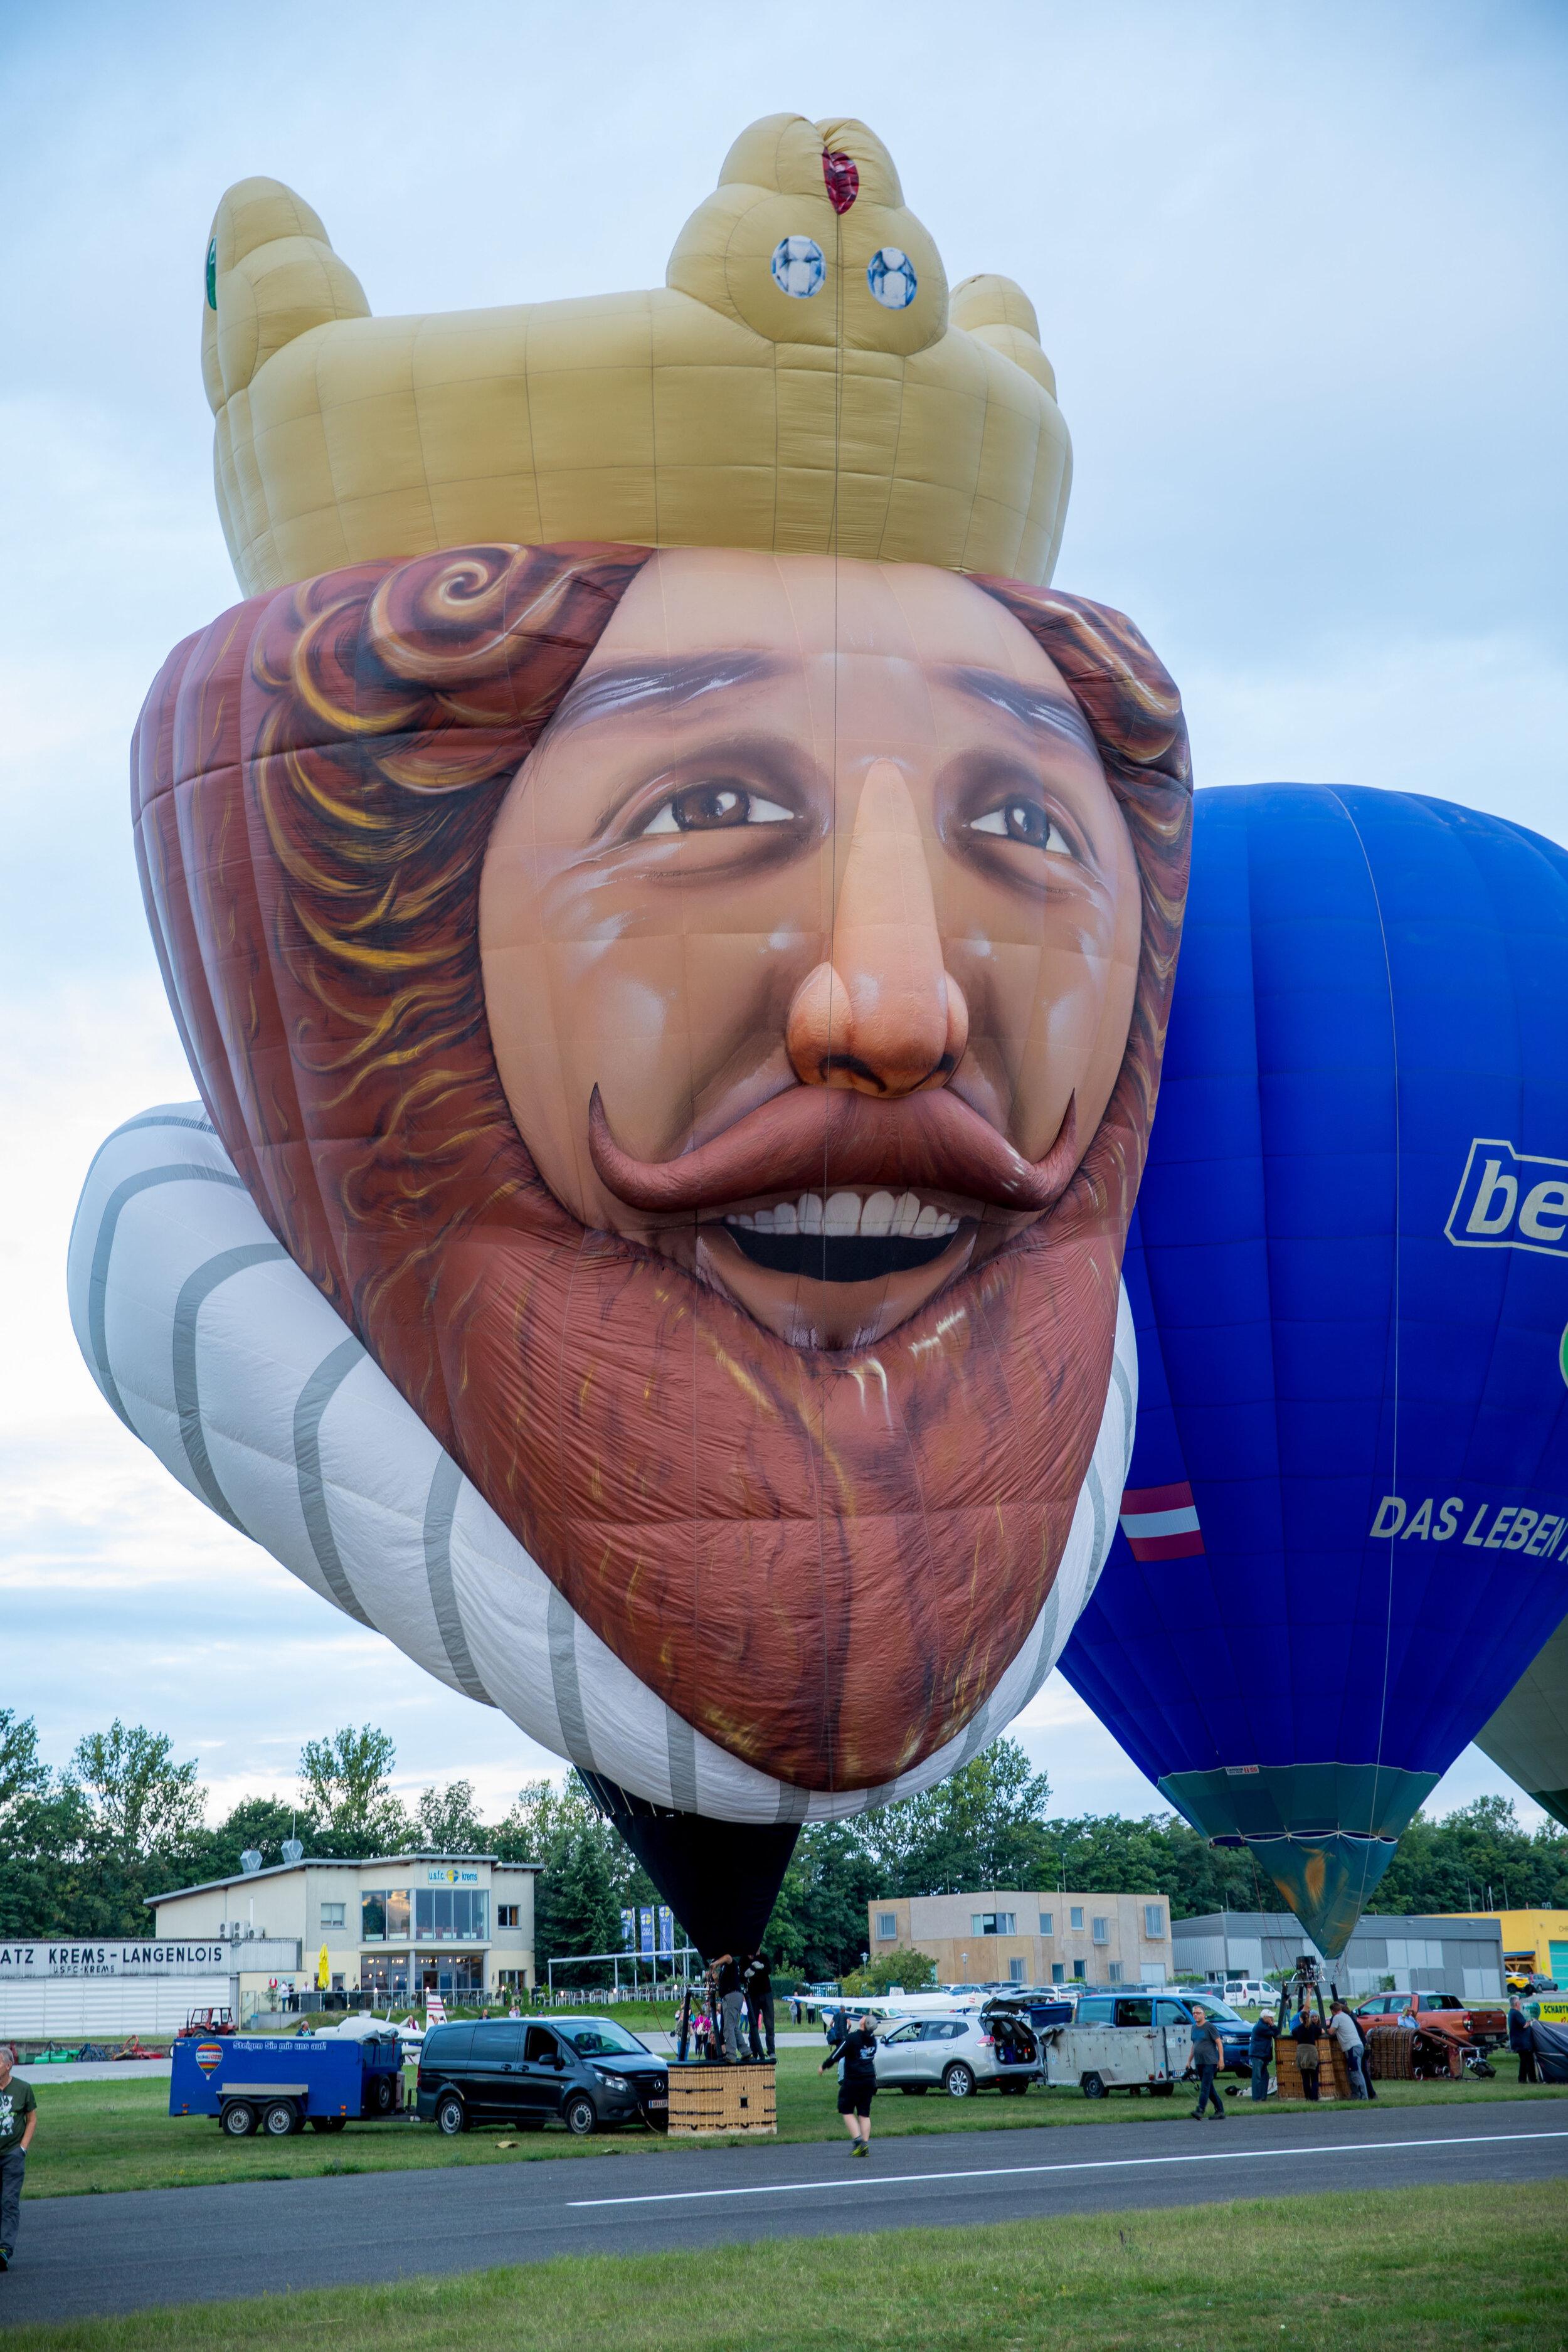 dieser Special-Shape Ballon hatte hier in Österreich seine Erstfahrt mit seinem neuen Eigentümer Christian Muth